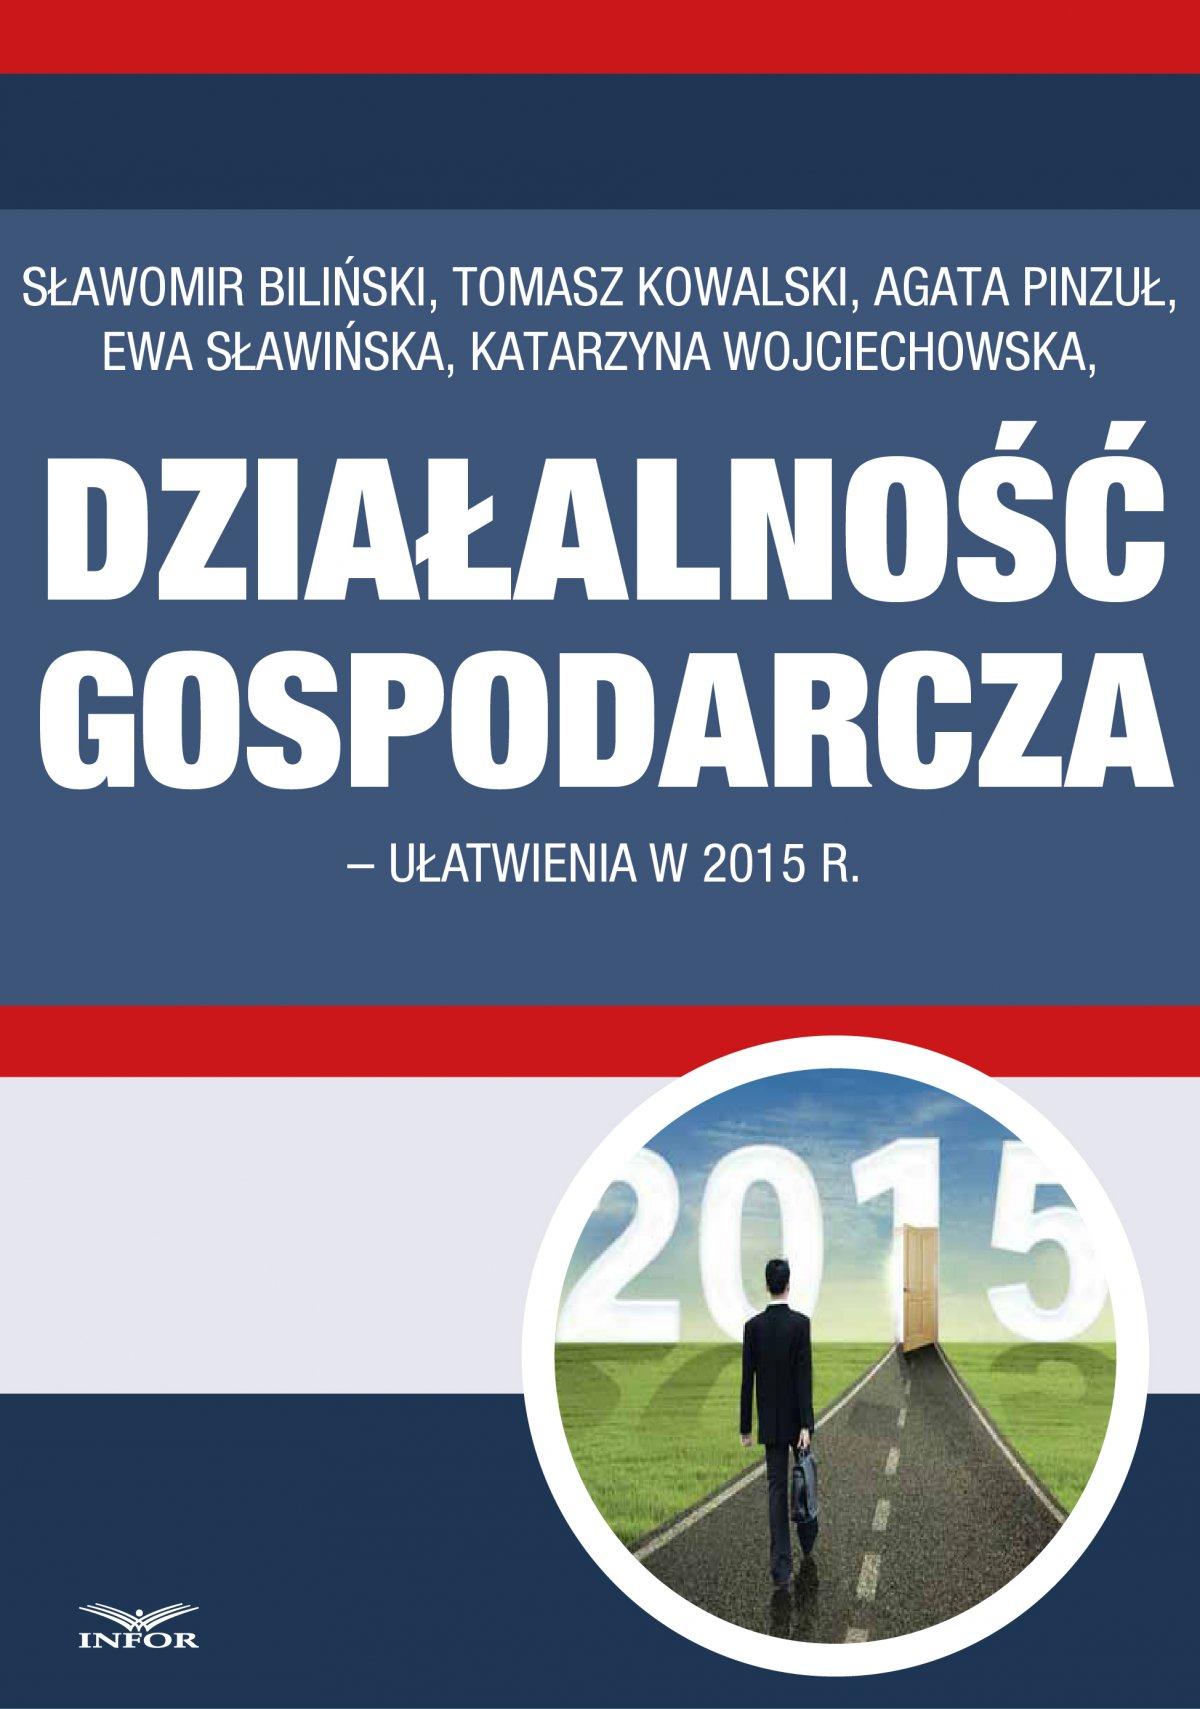 Działalność gospodarcza - ułatwienia w 2015 r. - Ebook (Książka PDF) do pobrania w formacie PDF